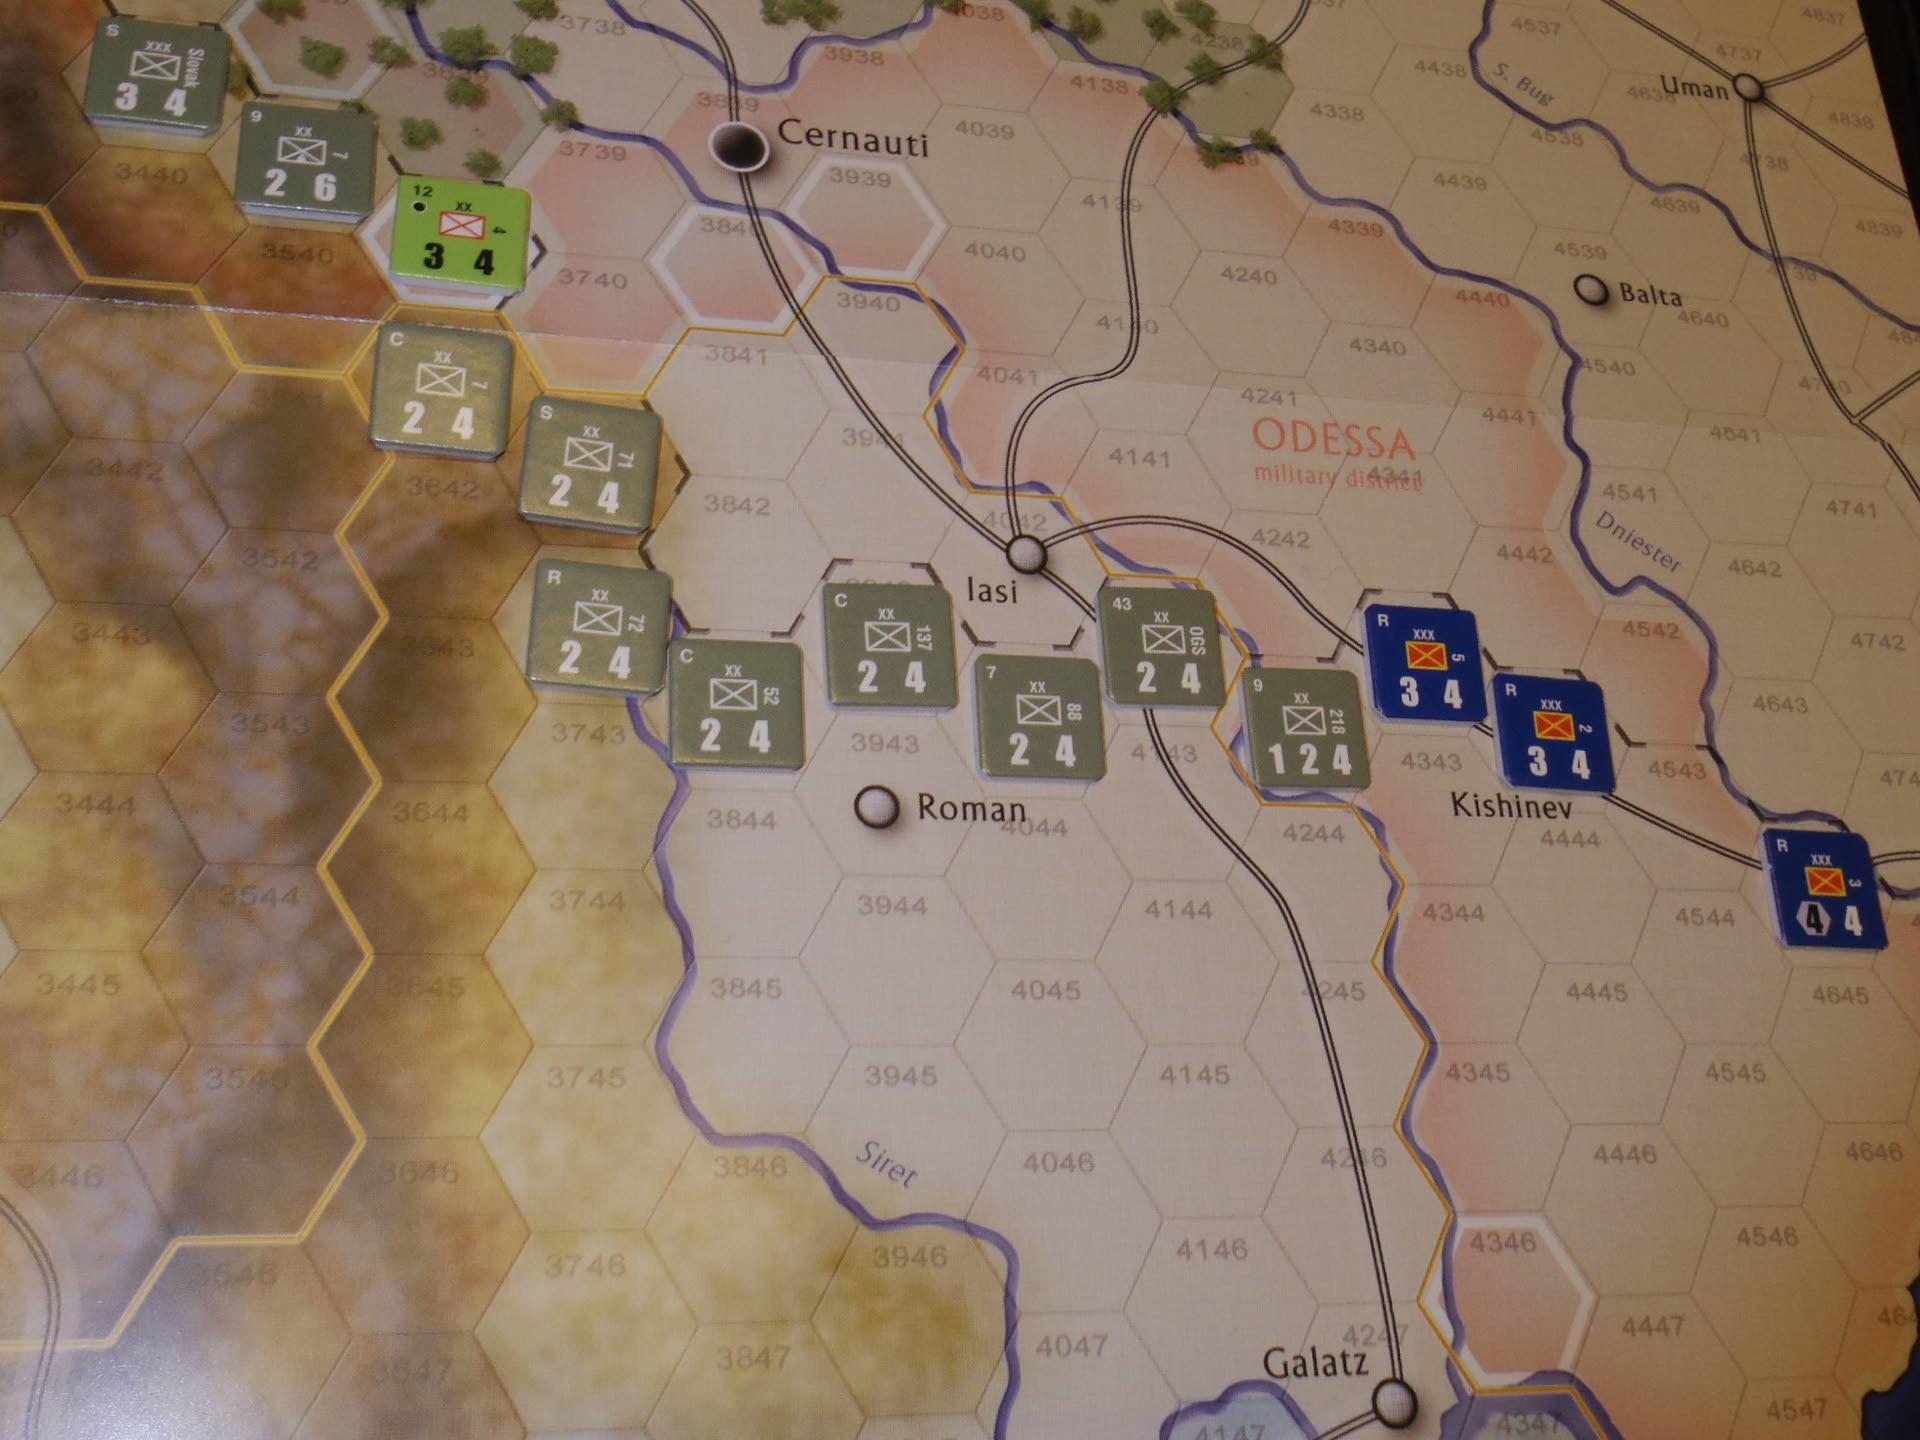 2年振りの再戦に備えて着々と準備は進む...(GMT)The Dark Valley  ダーク・ヴァレー 「バグラチオン:1944シナリオ」_b0173672_20582577.jpg